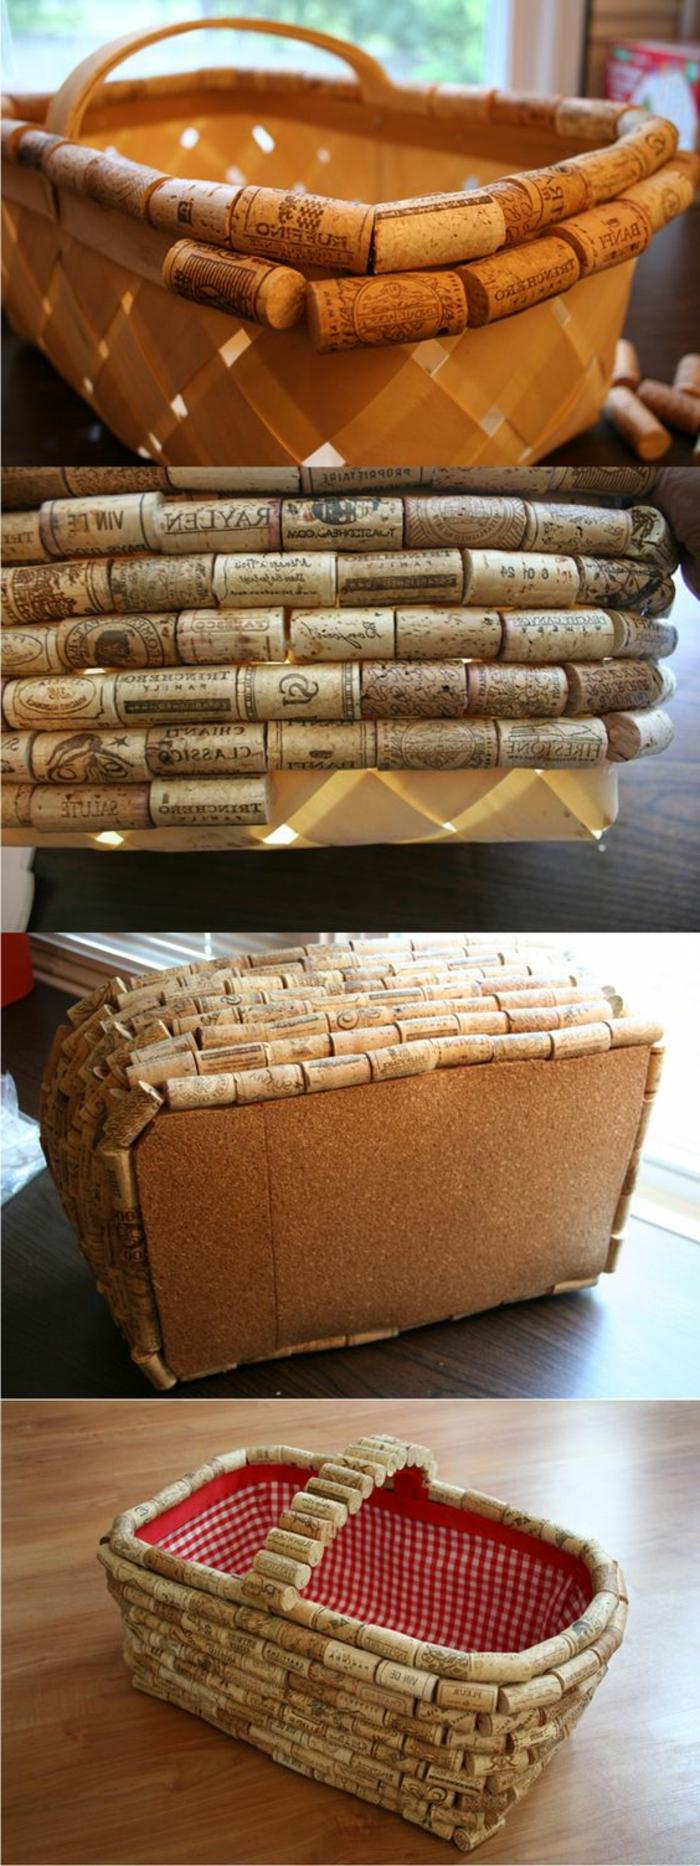 bouchon liege, corbeille emballée en bouchons de liege, objets handcraft